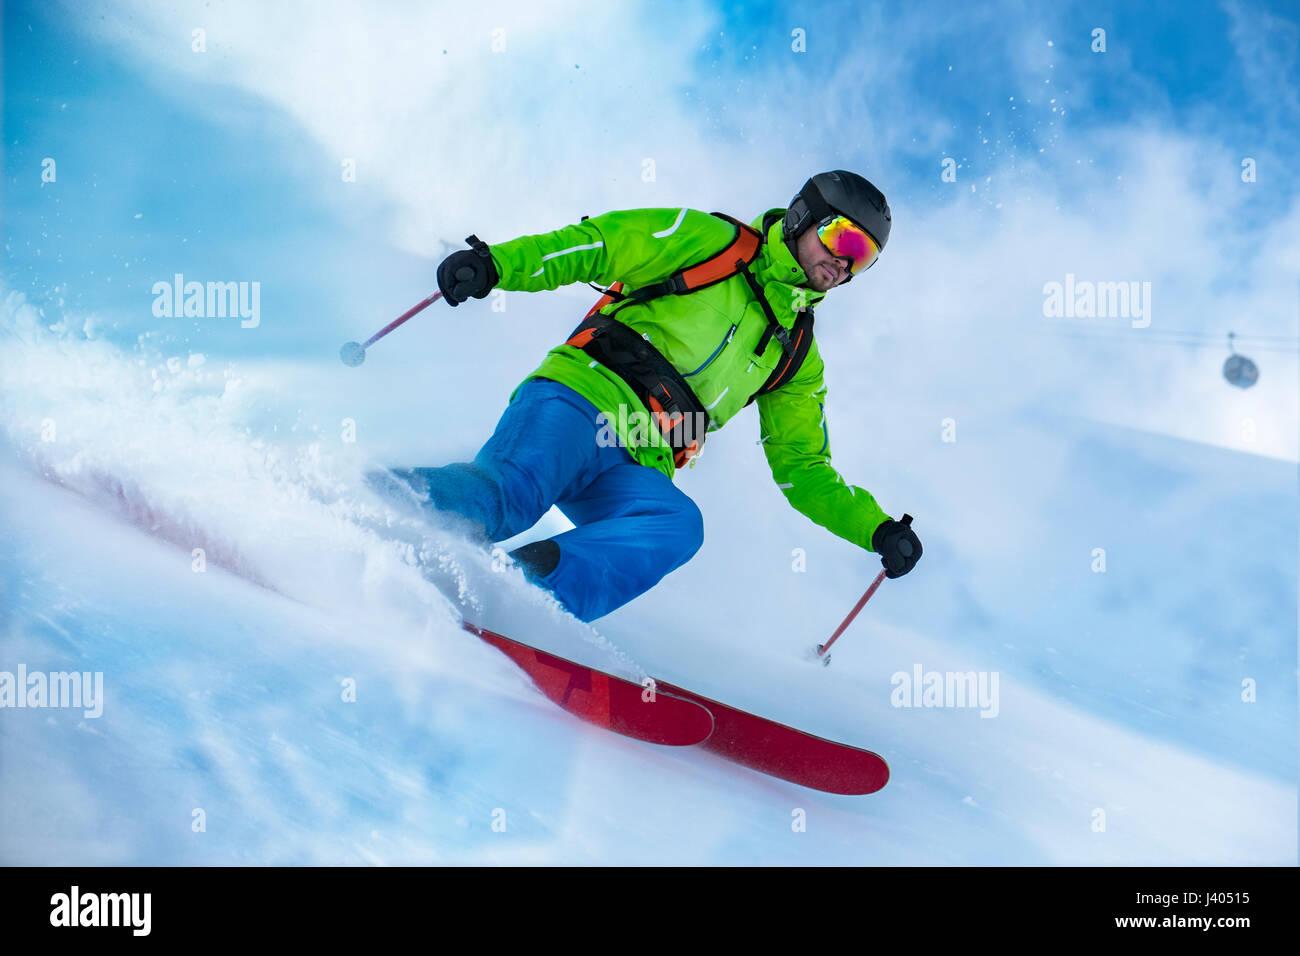 Sorprendente colpo di un colorato vestito con rifiniture a sciare sulla neve onda. Immagini Stock